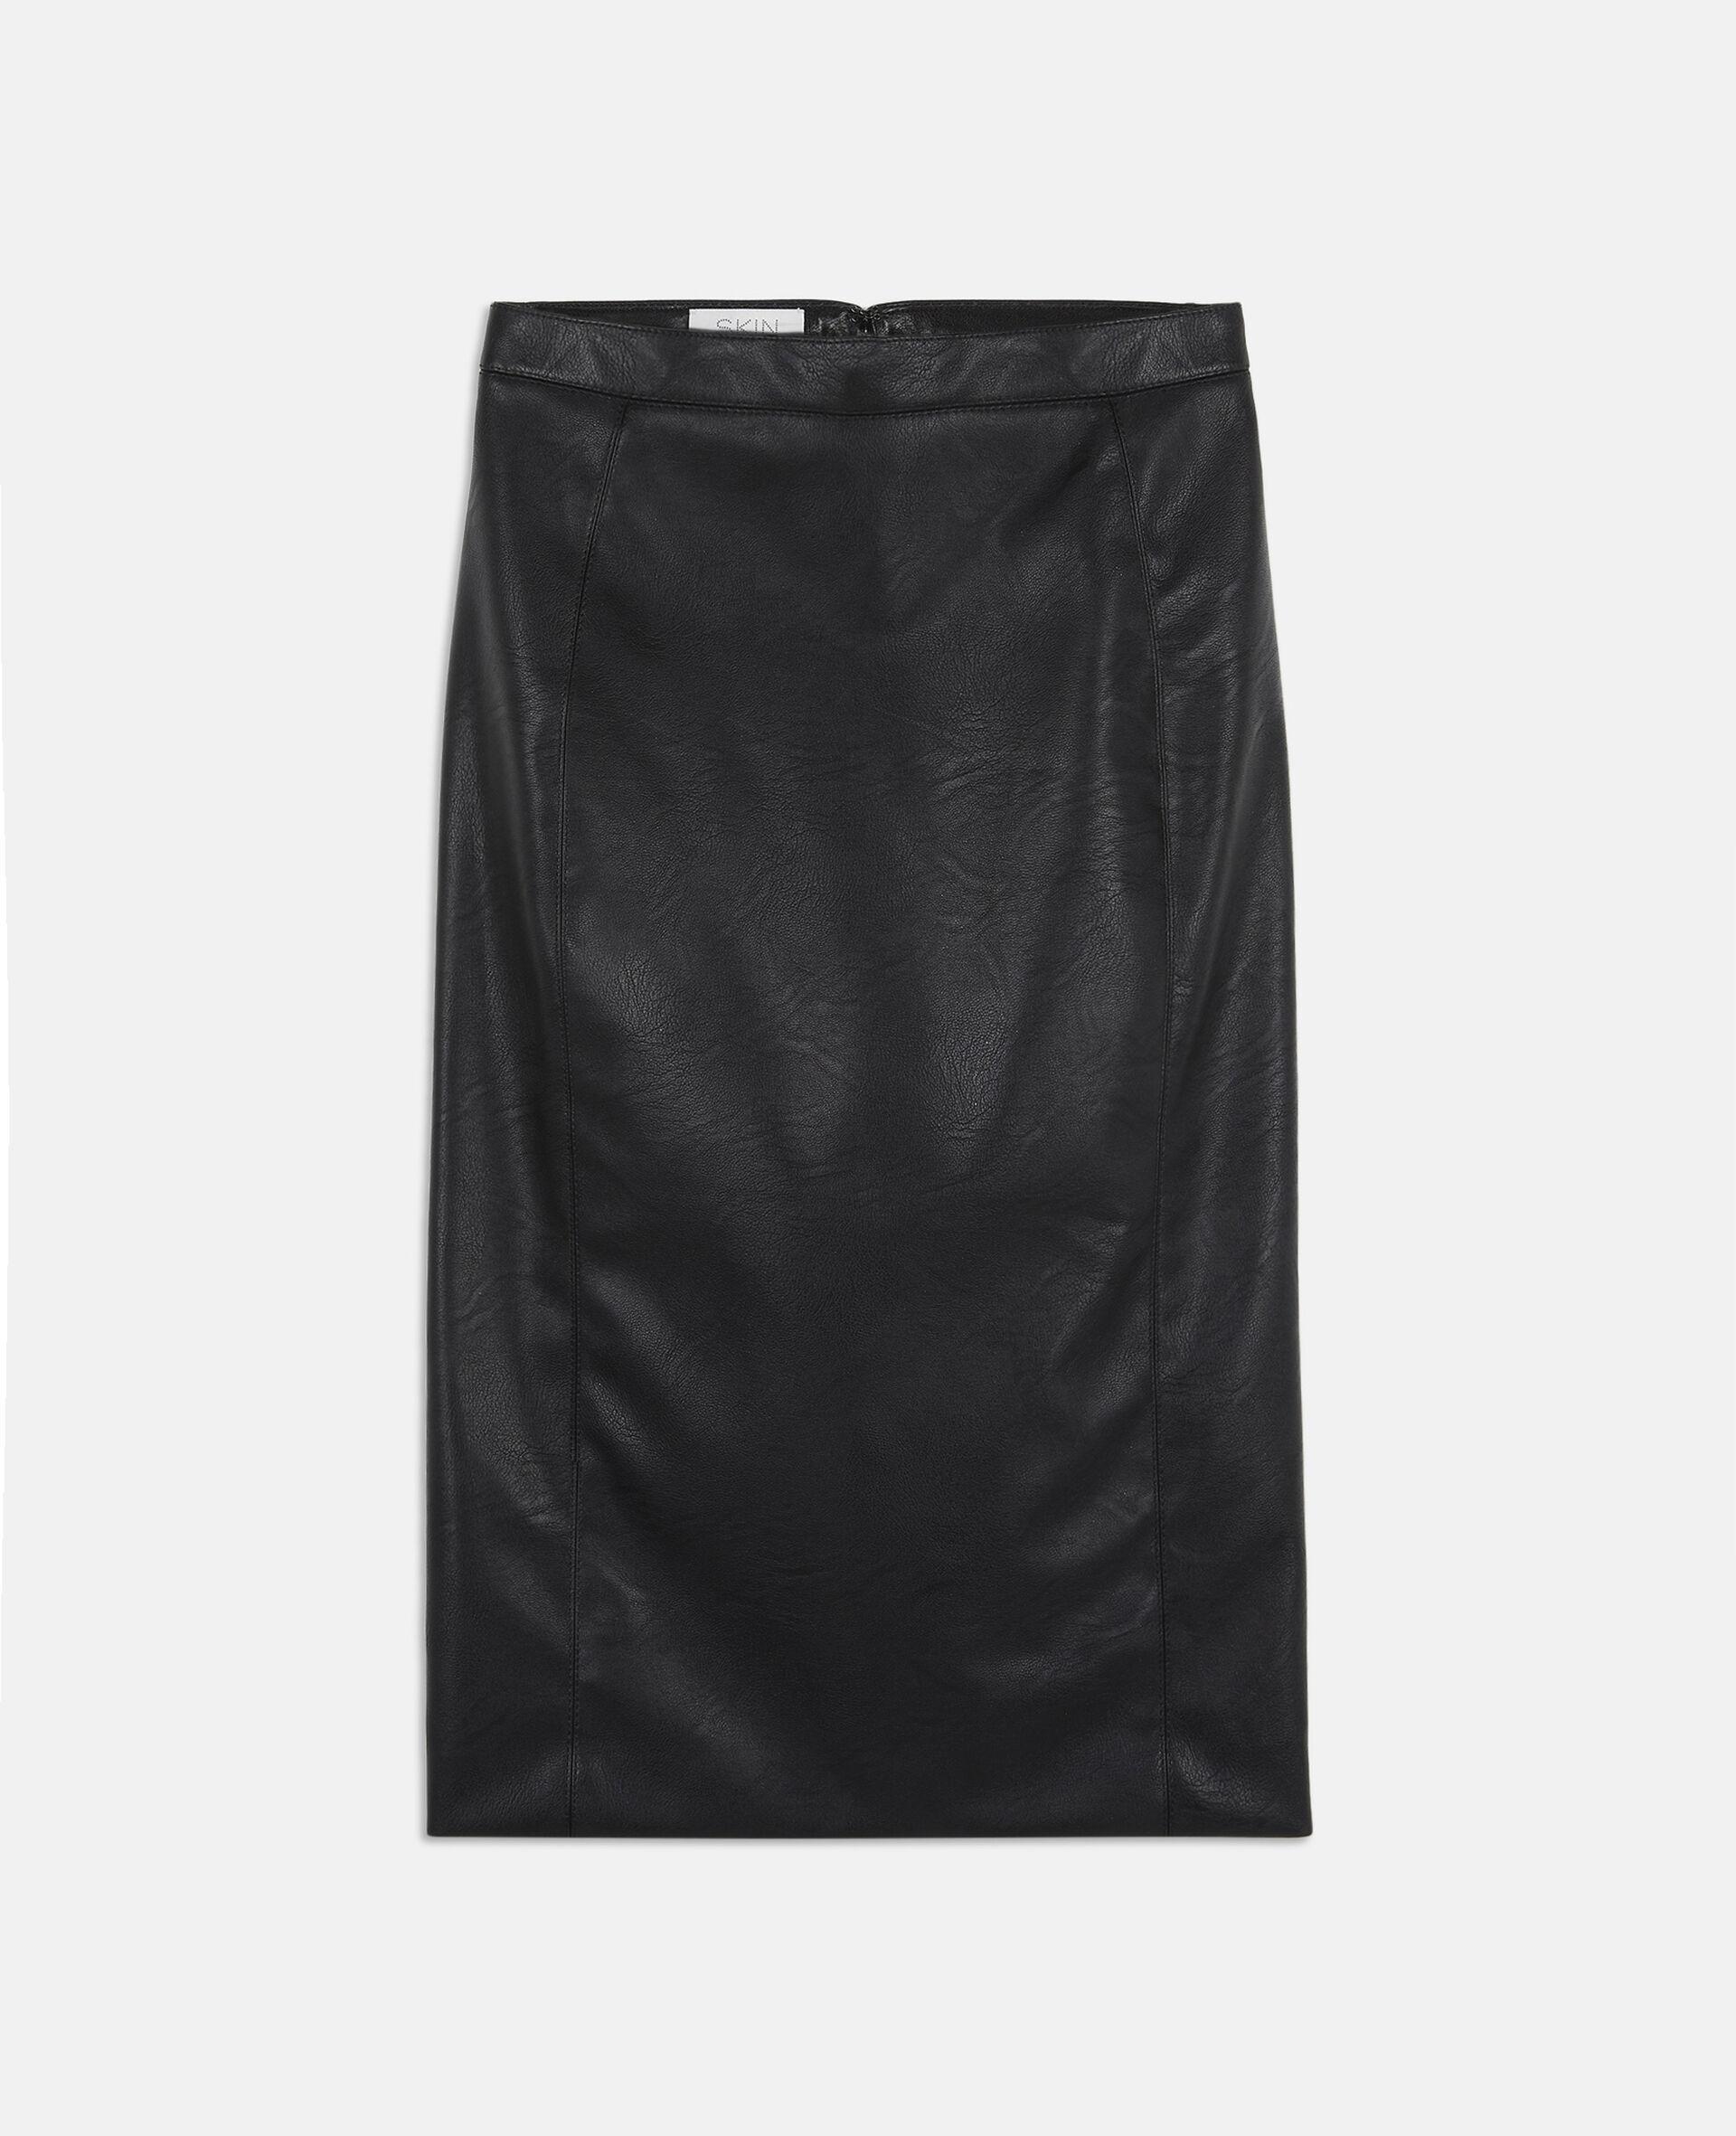 Mansela 黑色半身裙-黑色-large image number 0